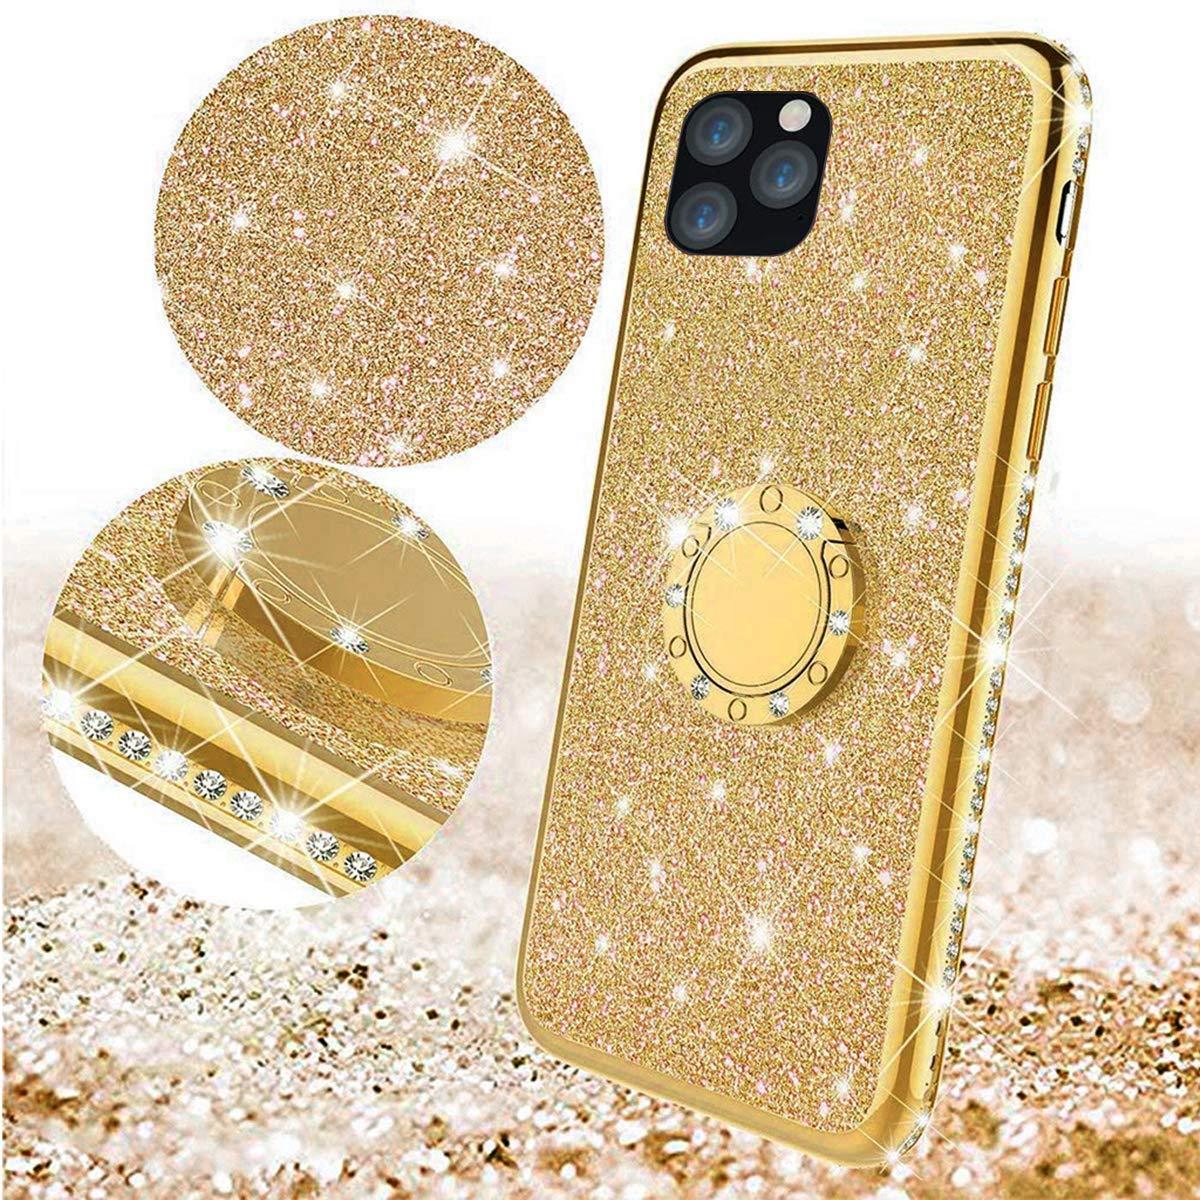 Homikon Silikon H/ülle Kompatibel mit iPhone 11 Pro 5.8 /Überzug TPU Bling Glitzer Strass Diamant Schutzh/ülle mit 360 Grad Ring St/änder Soft Flex Durchsichtig Silikon Handyh/ülle Tasche Case Schwarz